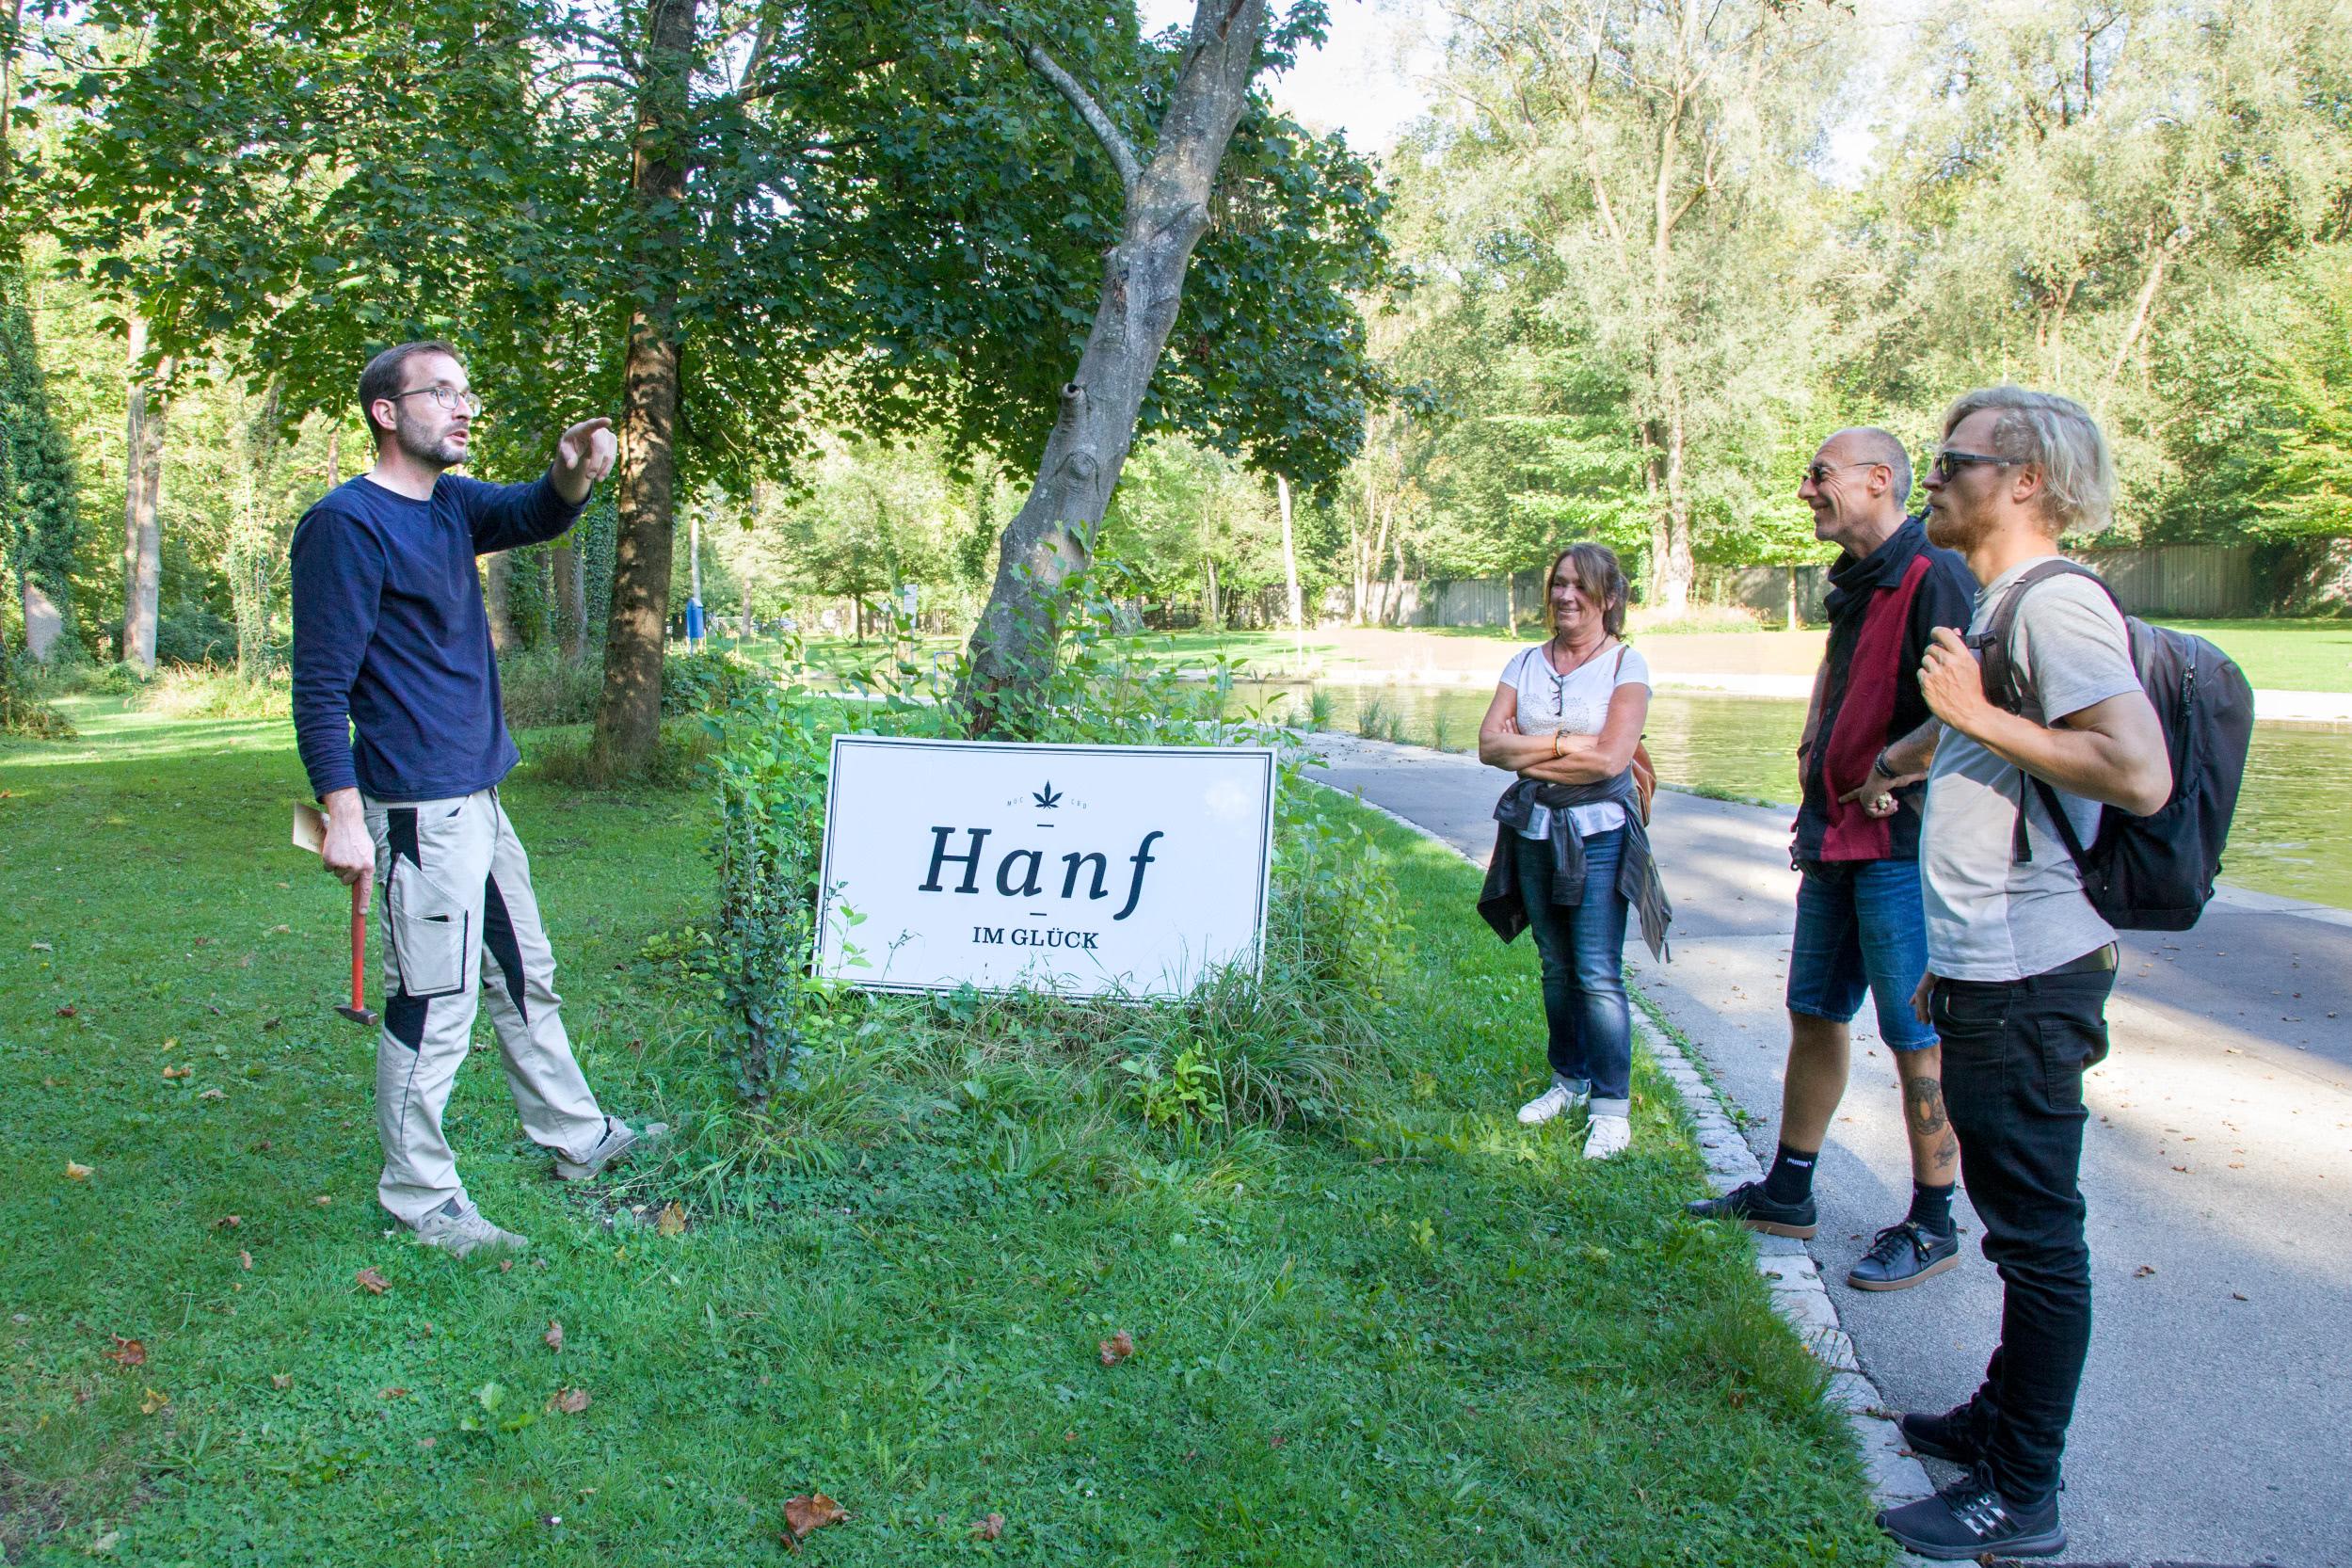 Naturbad Maria Einsiedel Baum 2 Gärtner erklärt Publikum